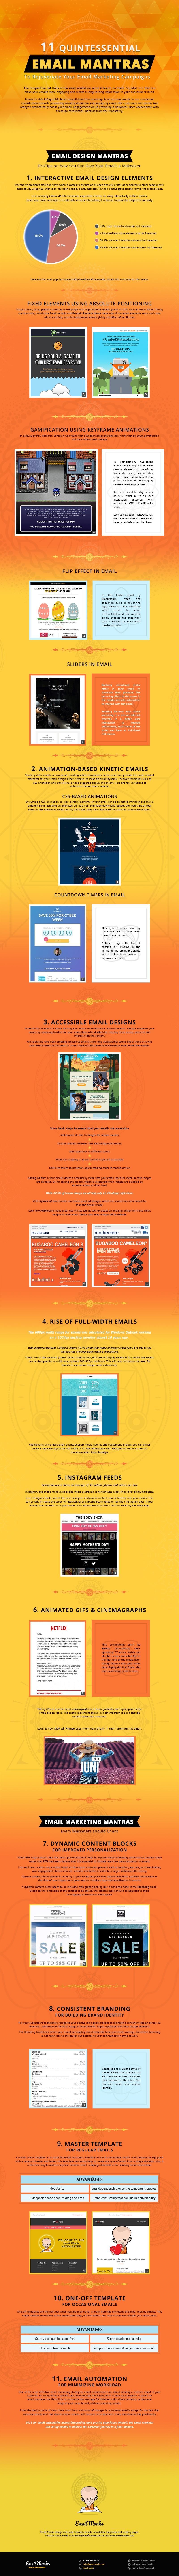 consejos sobre campañas de correo electrónico